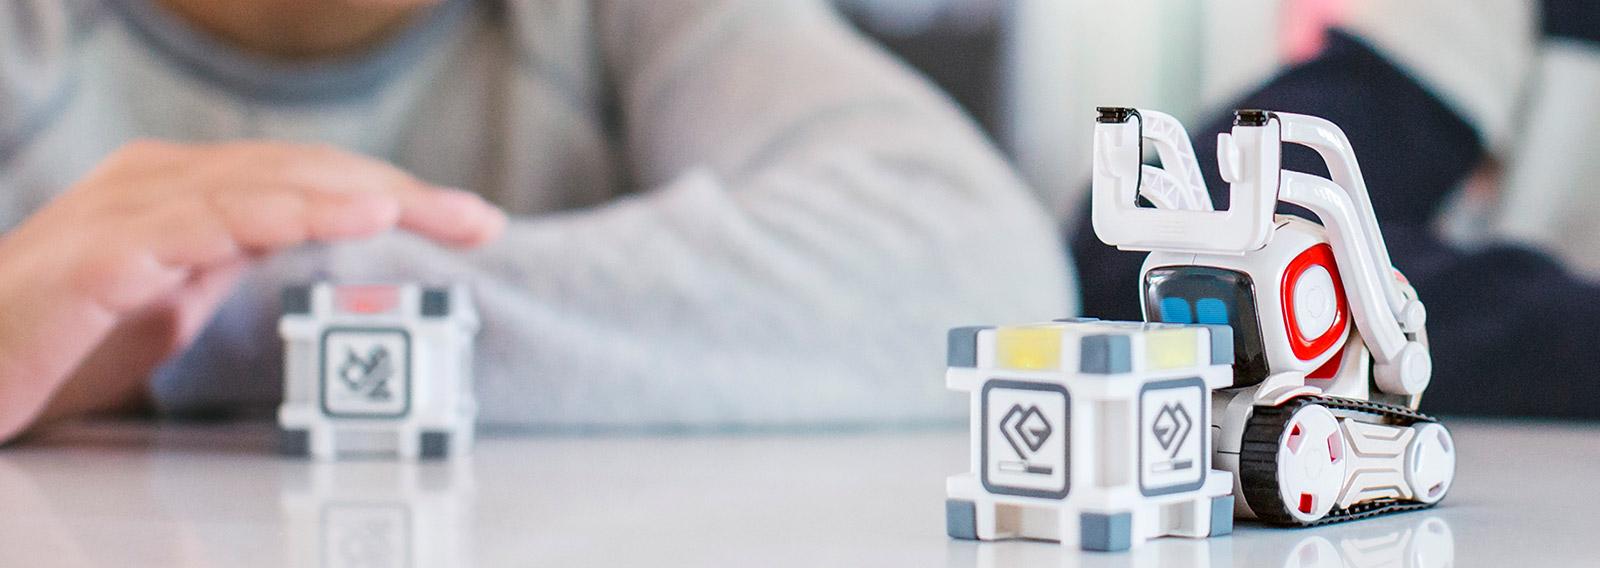 COZMOは現実の世界で自らのキャラクタ ーを生み出し、自分の気持ちを伝えることのできるロボットです。